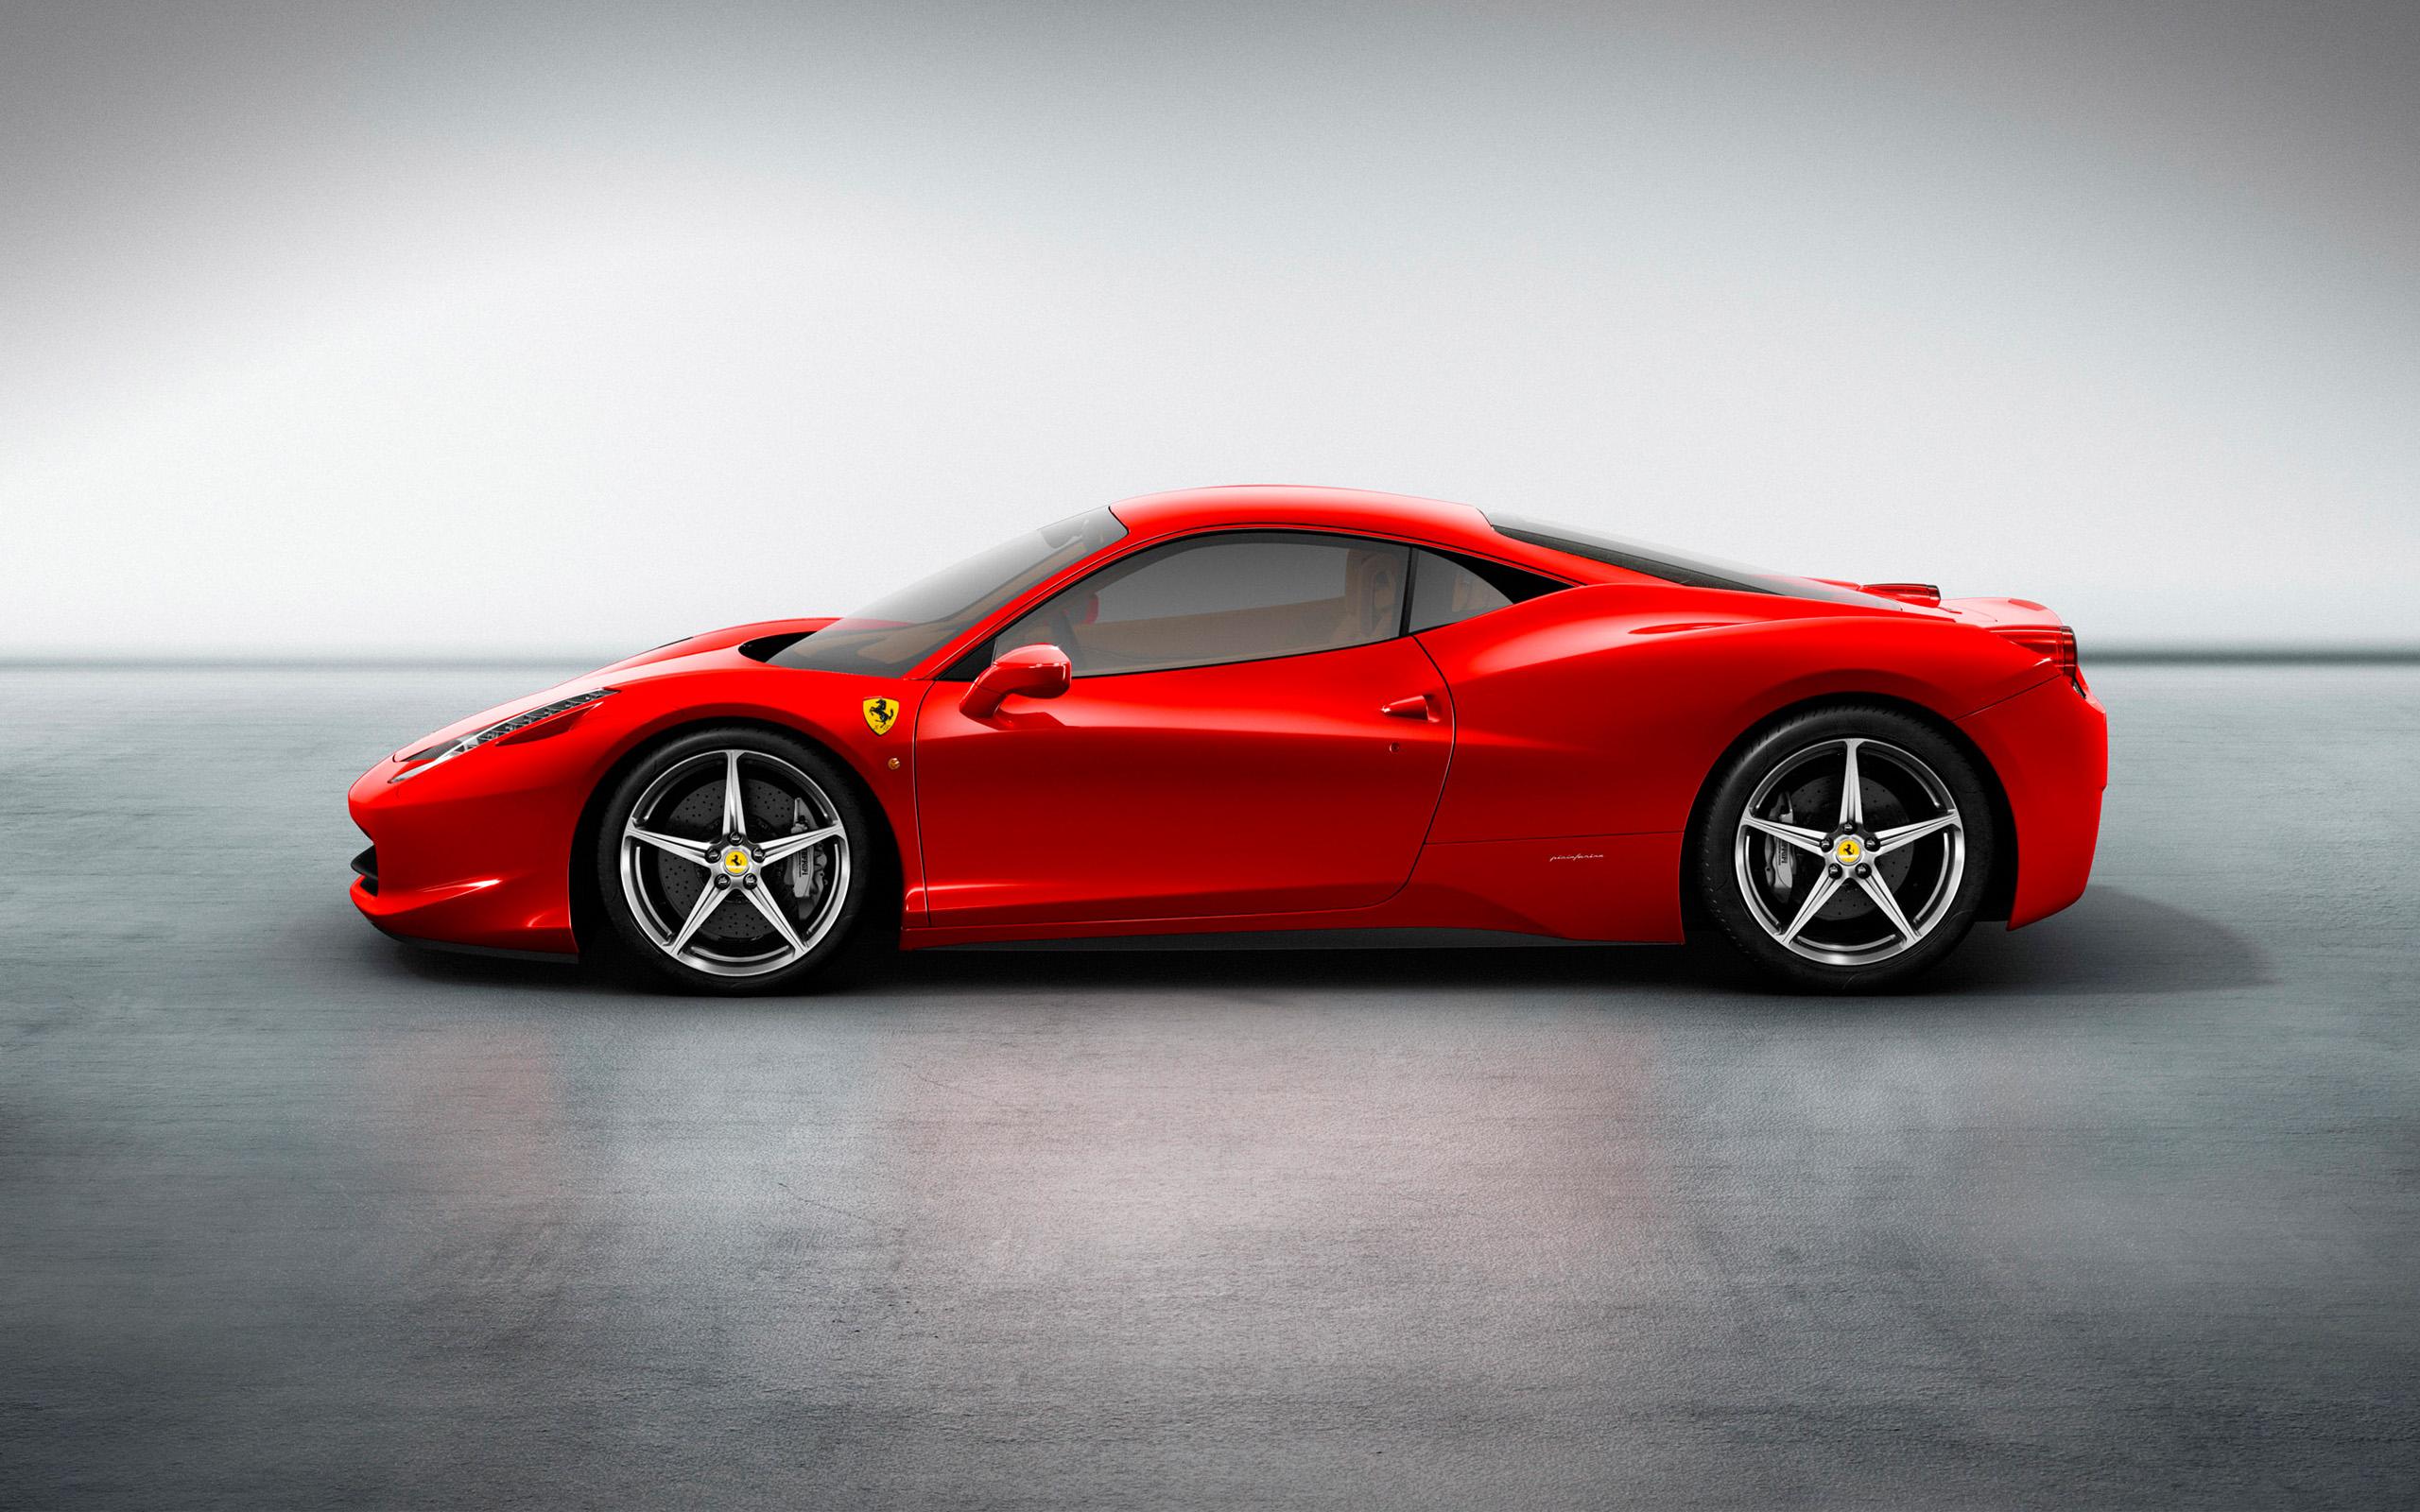 Hummer Car Ferrari Italia Hd Wide 871400 Wallpaper Wallpaper